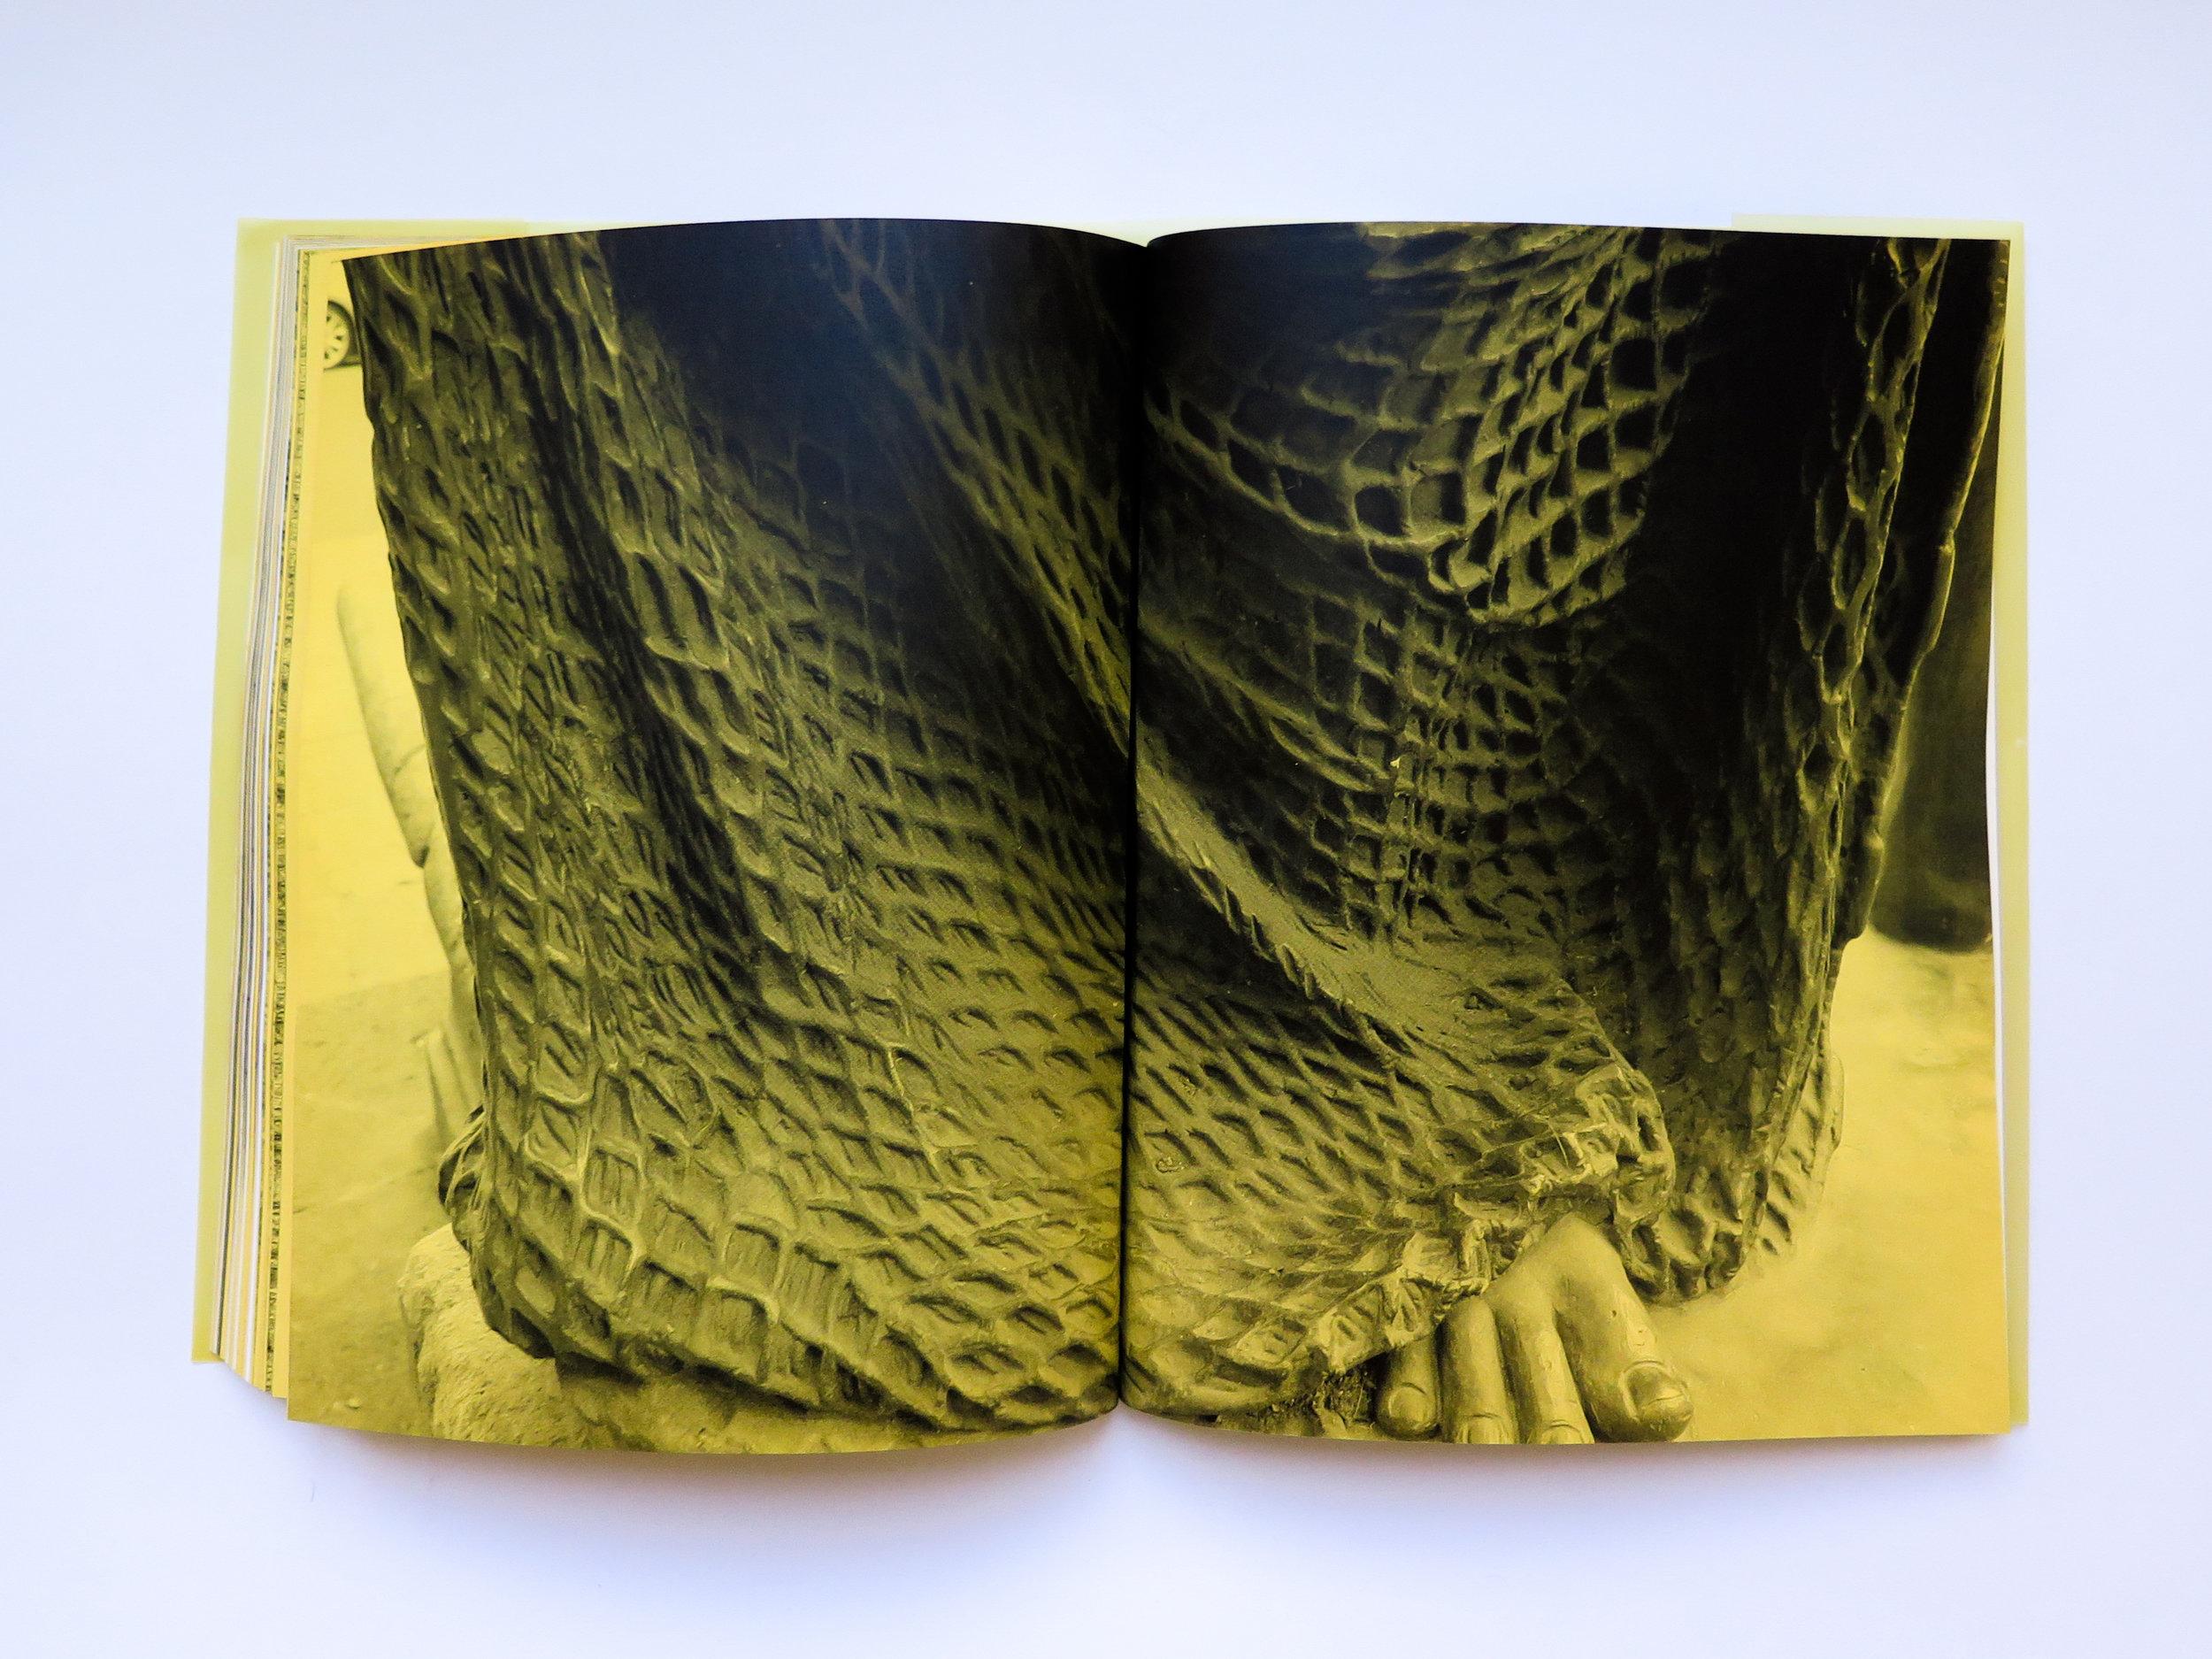 Mano Penalva, paginas amarillas, foto dentro 1.jpg